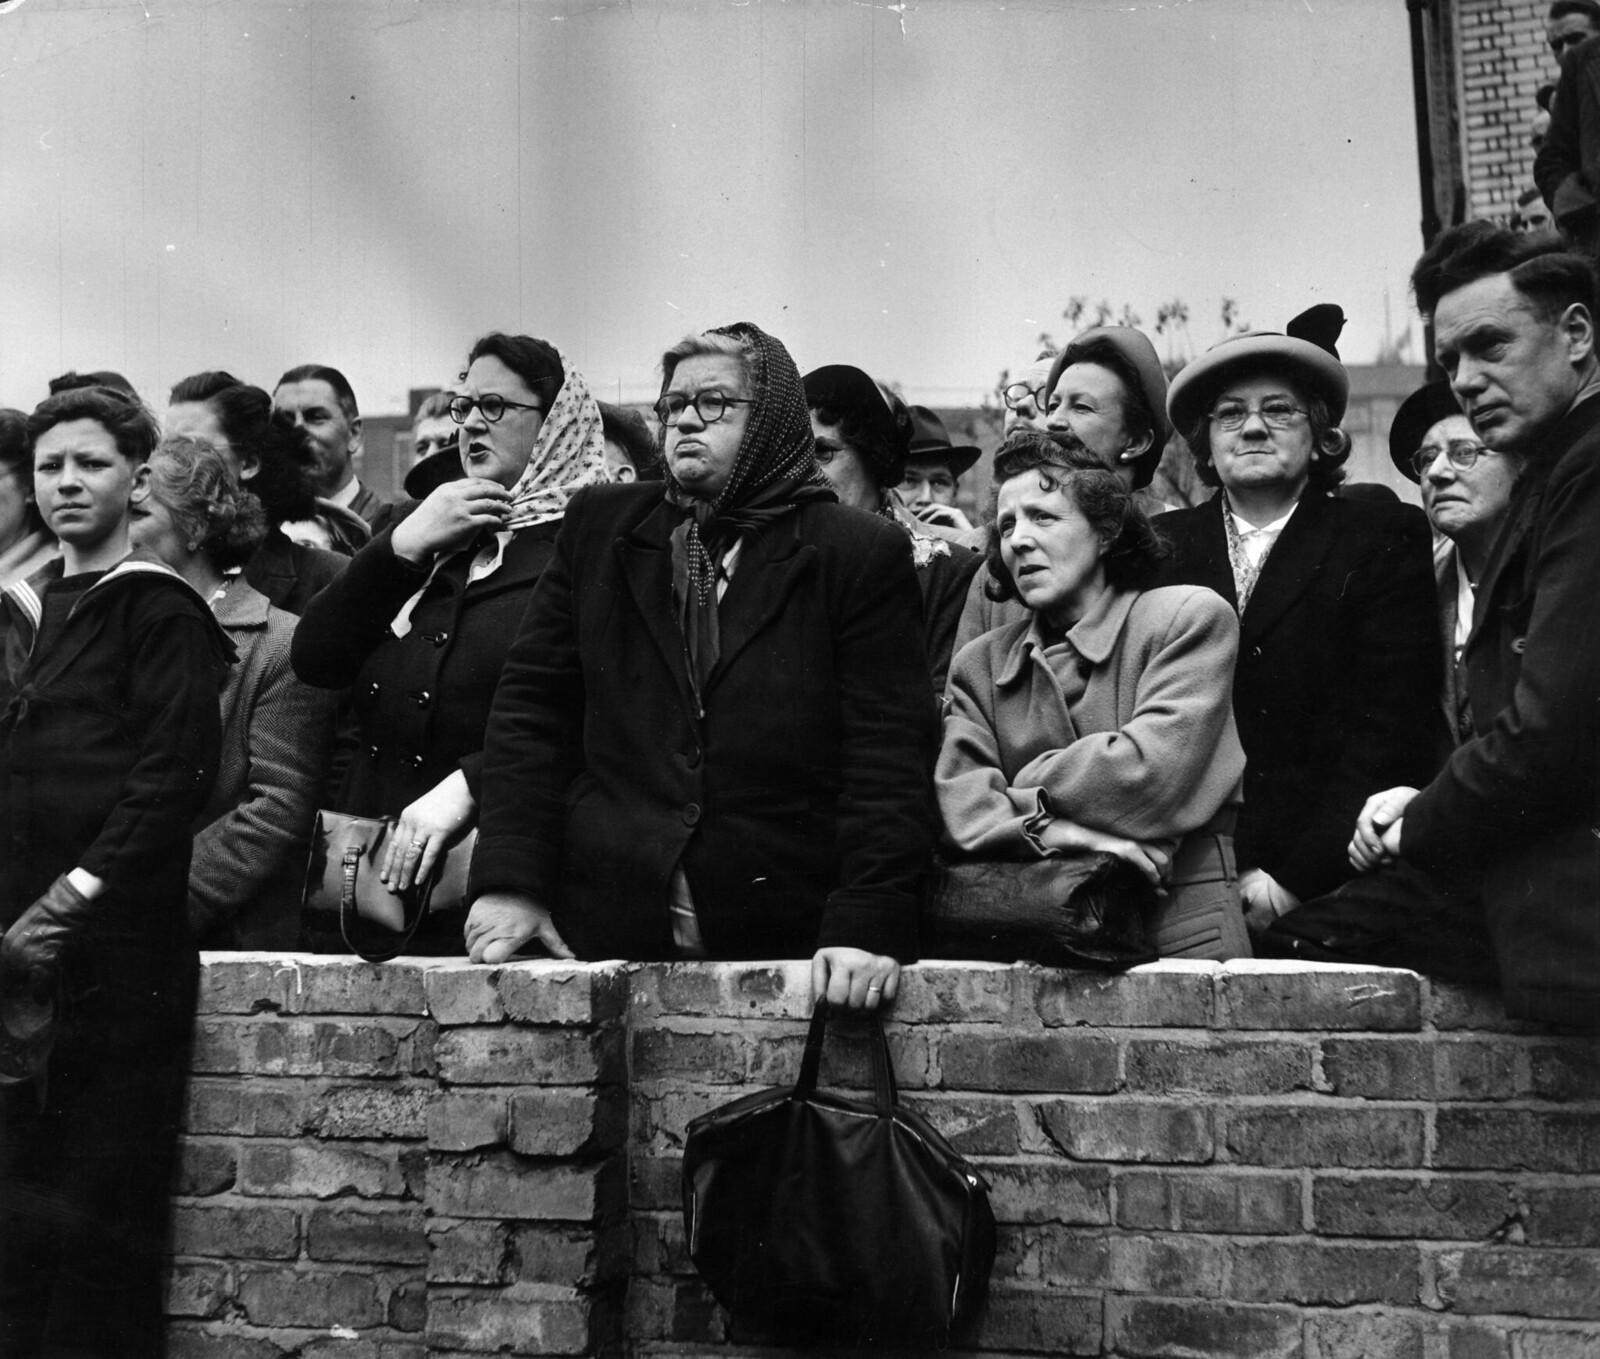 07. Толпа, в основном состоящая из женщин, собирается посмотреть, как Королевская процессия Георга VI направляется к собору Святого Павла, чтобы объявить Фестиваль Британии открытым